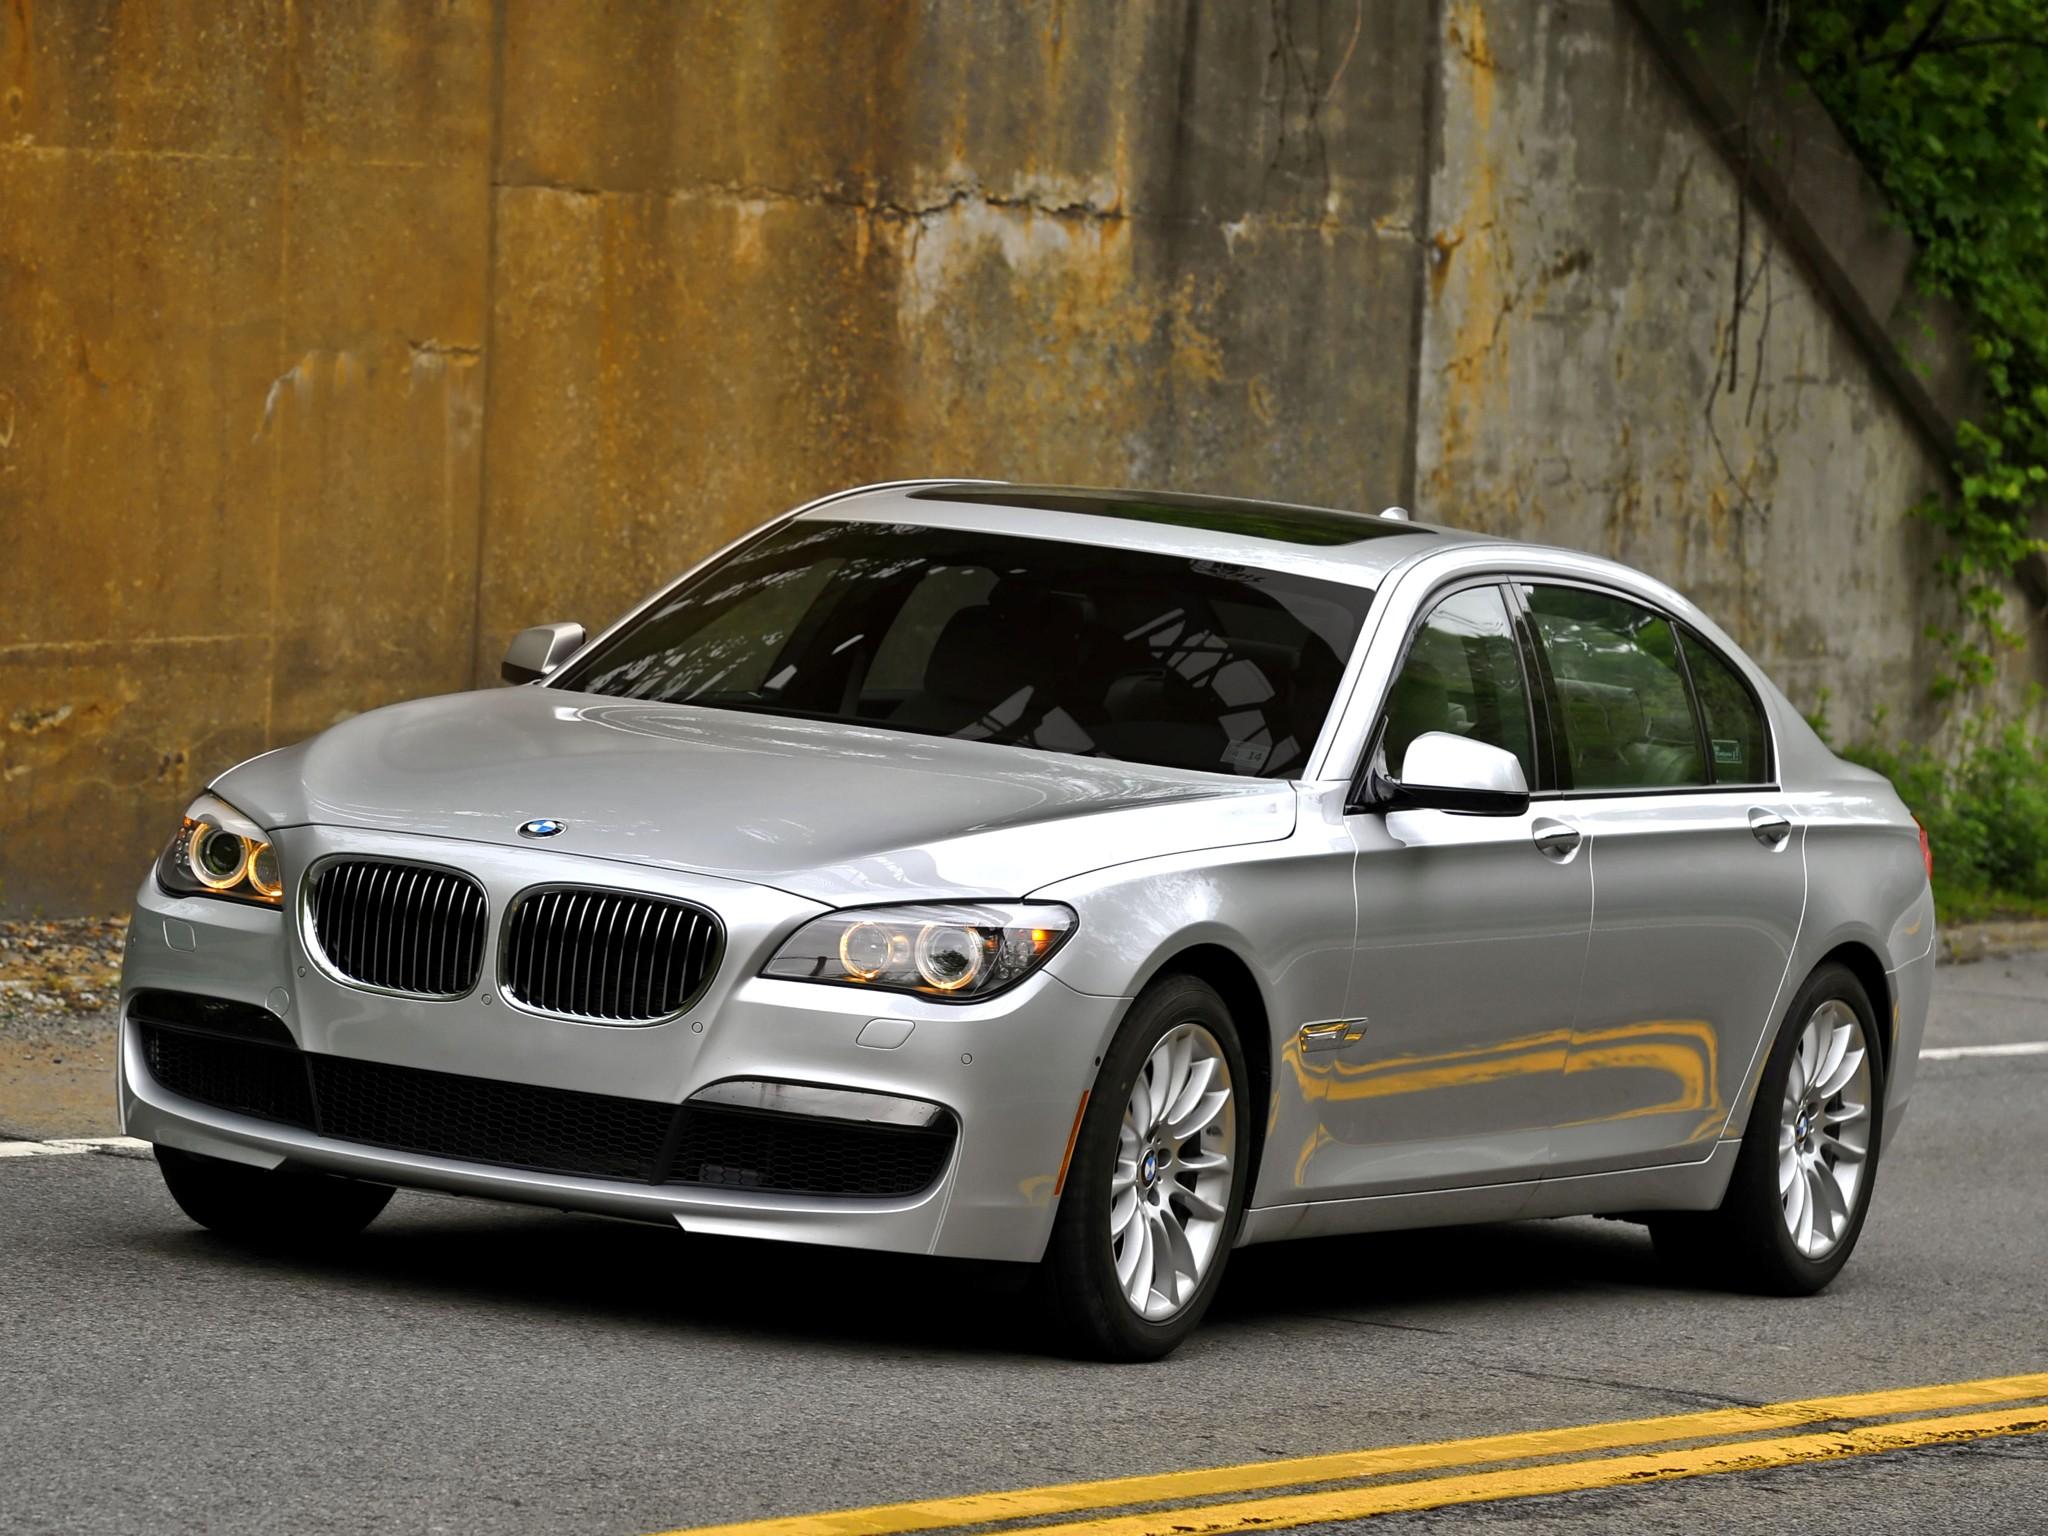 BMW 7 Series (F01/02) specs - 2008, 2009, 2010, 2011, 2012 ...